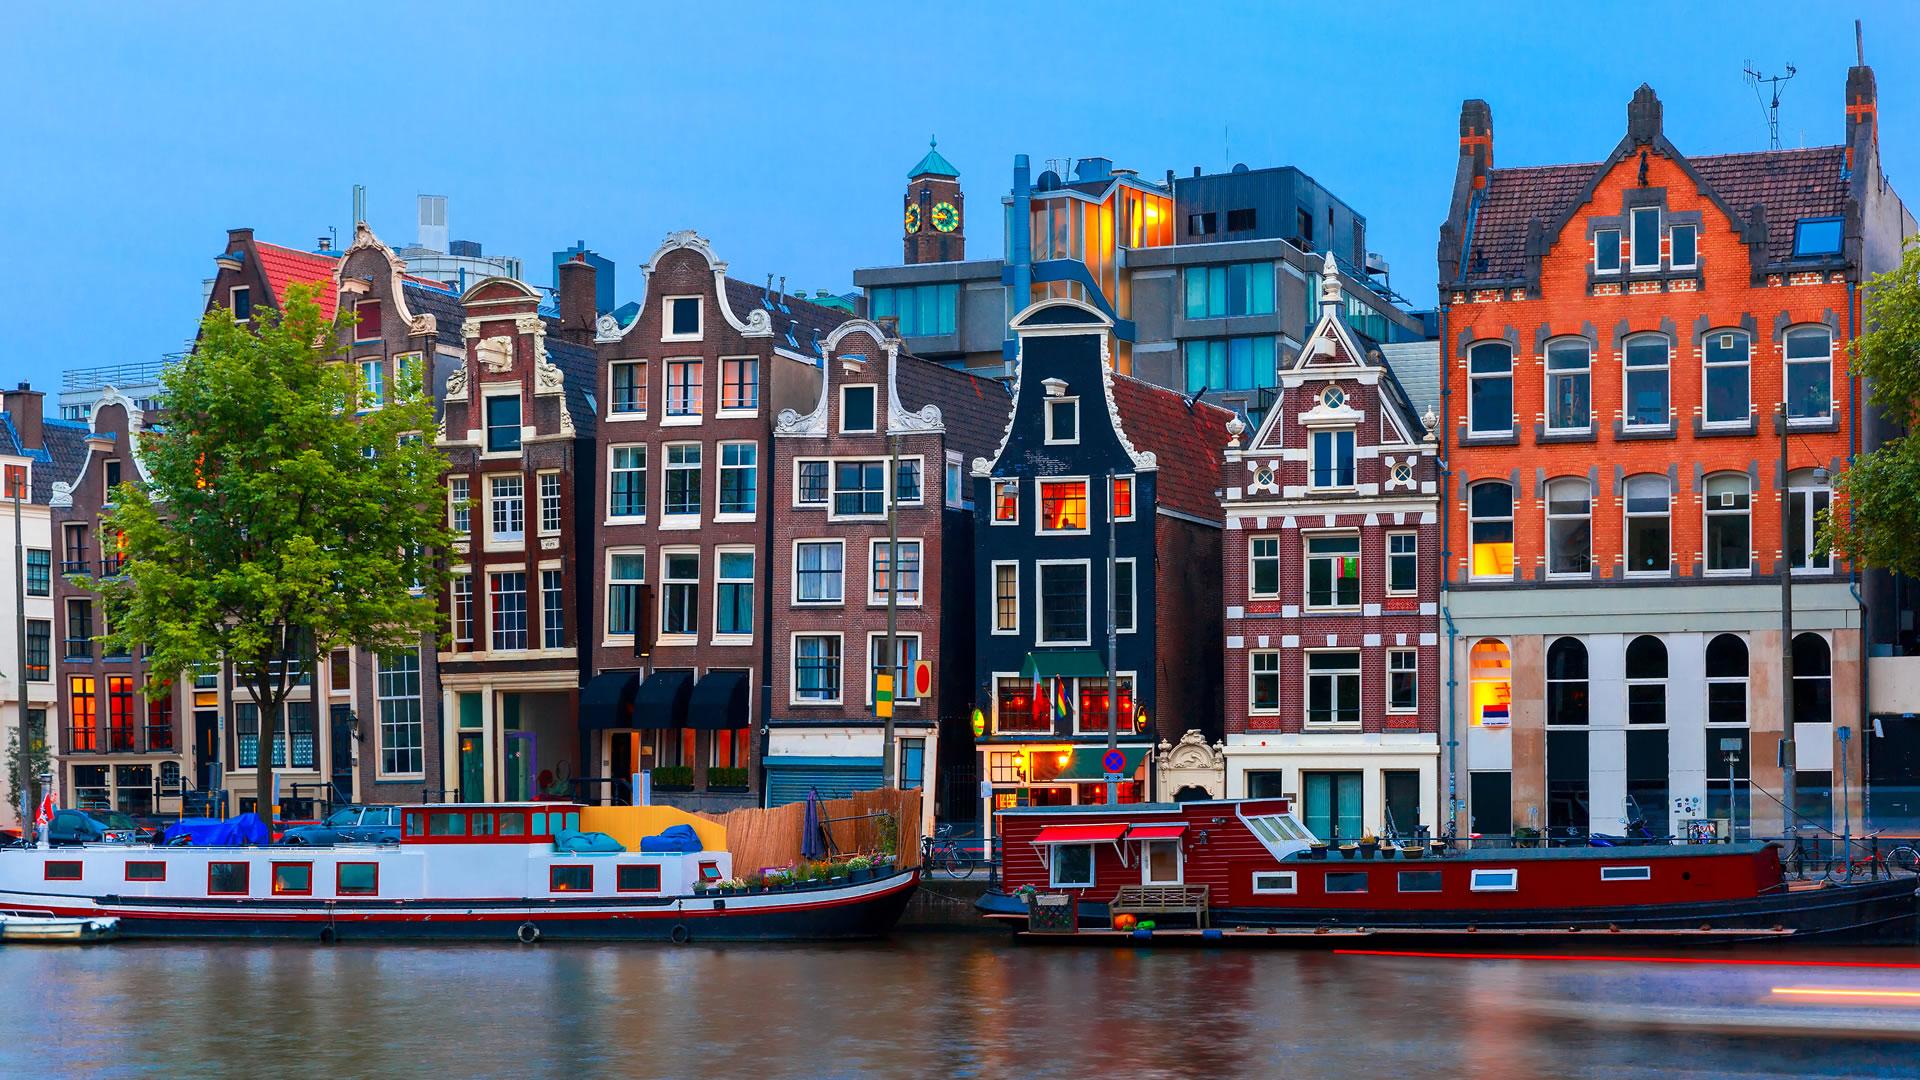 7 - Ámsterdam, Países Bajos